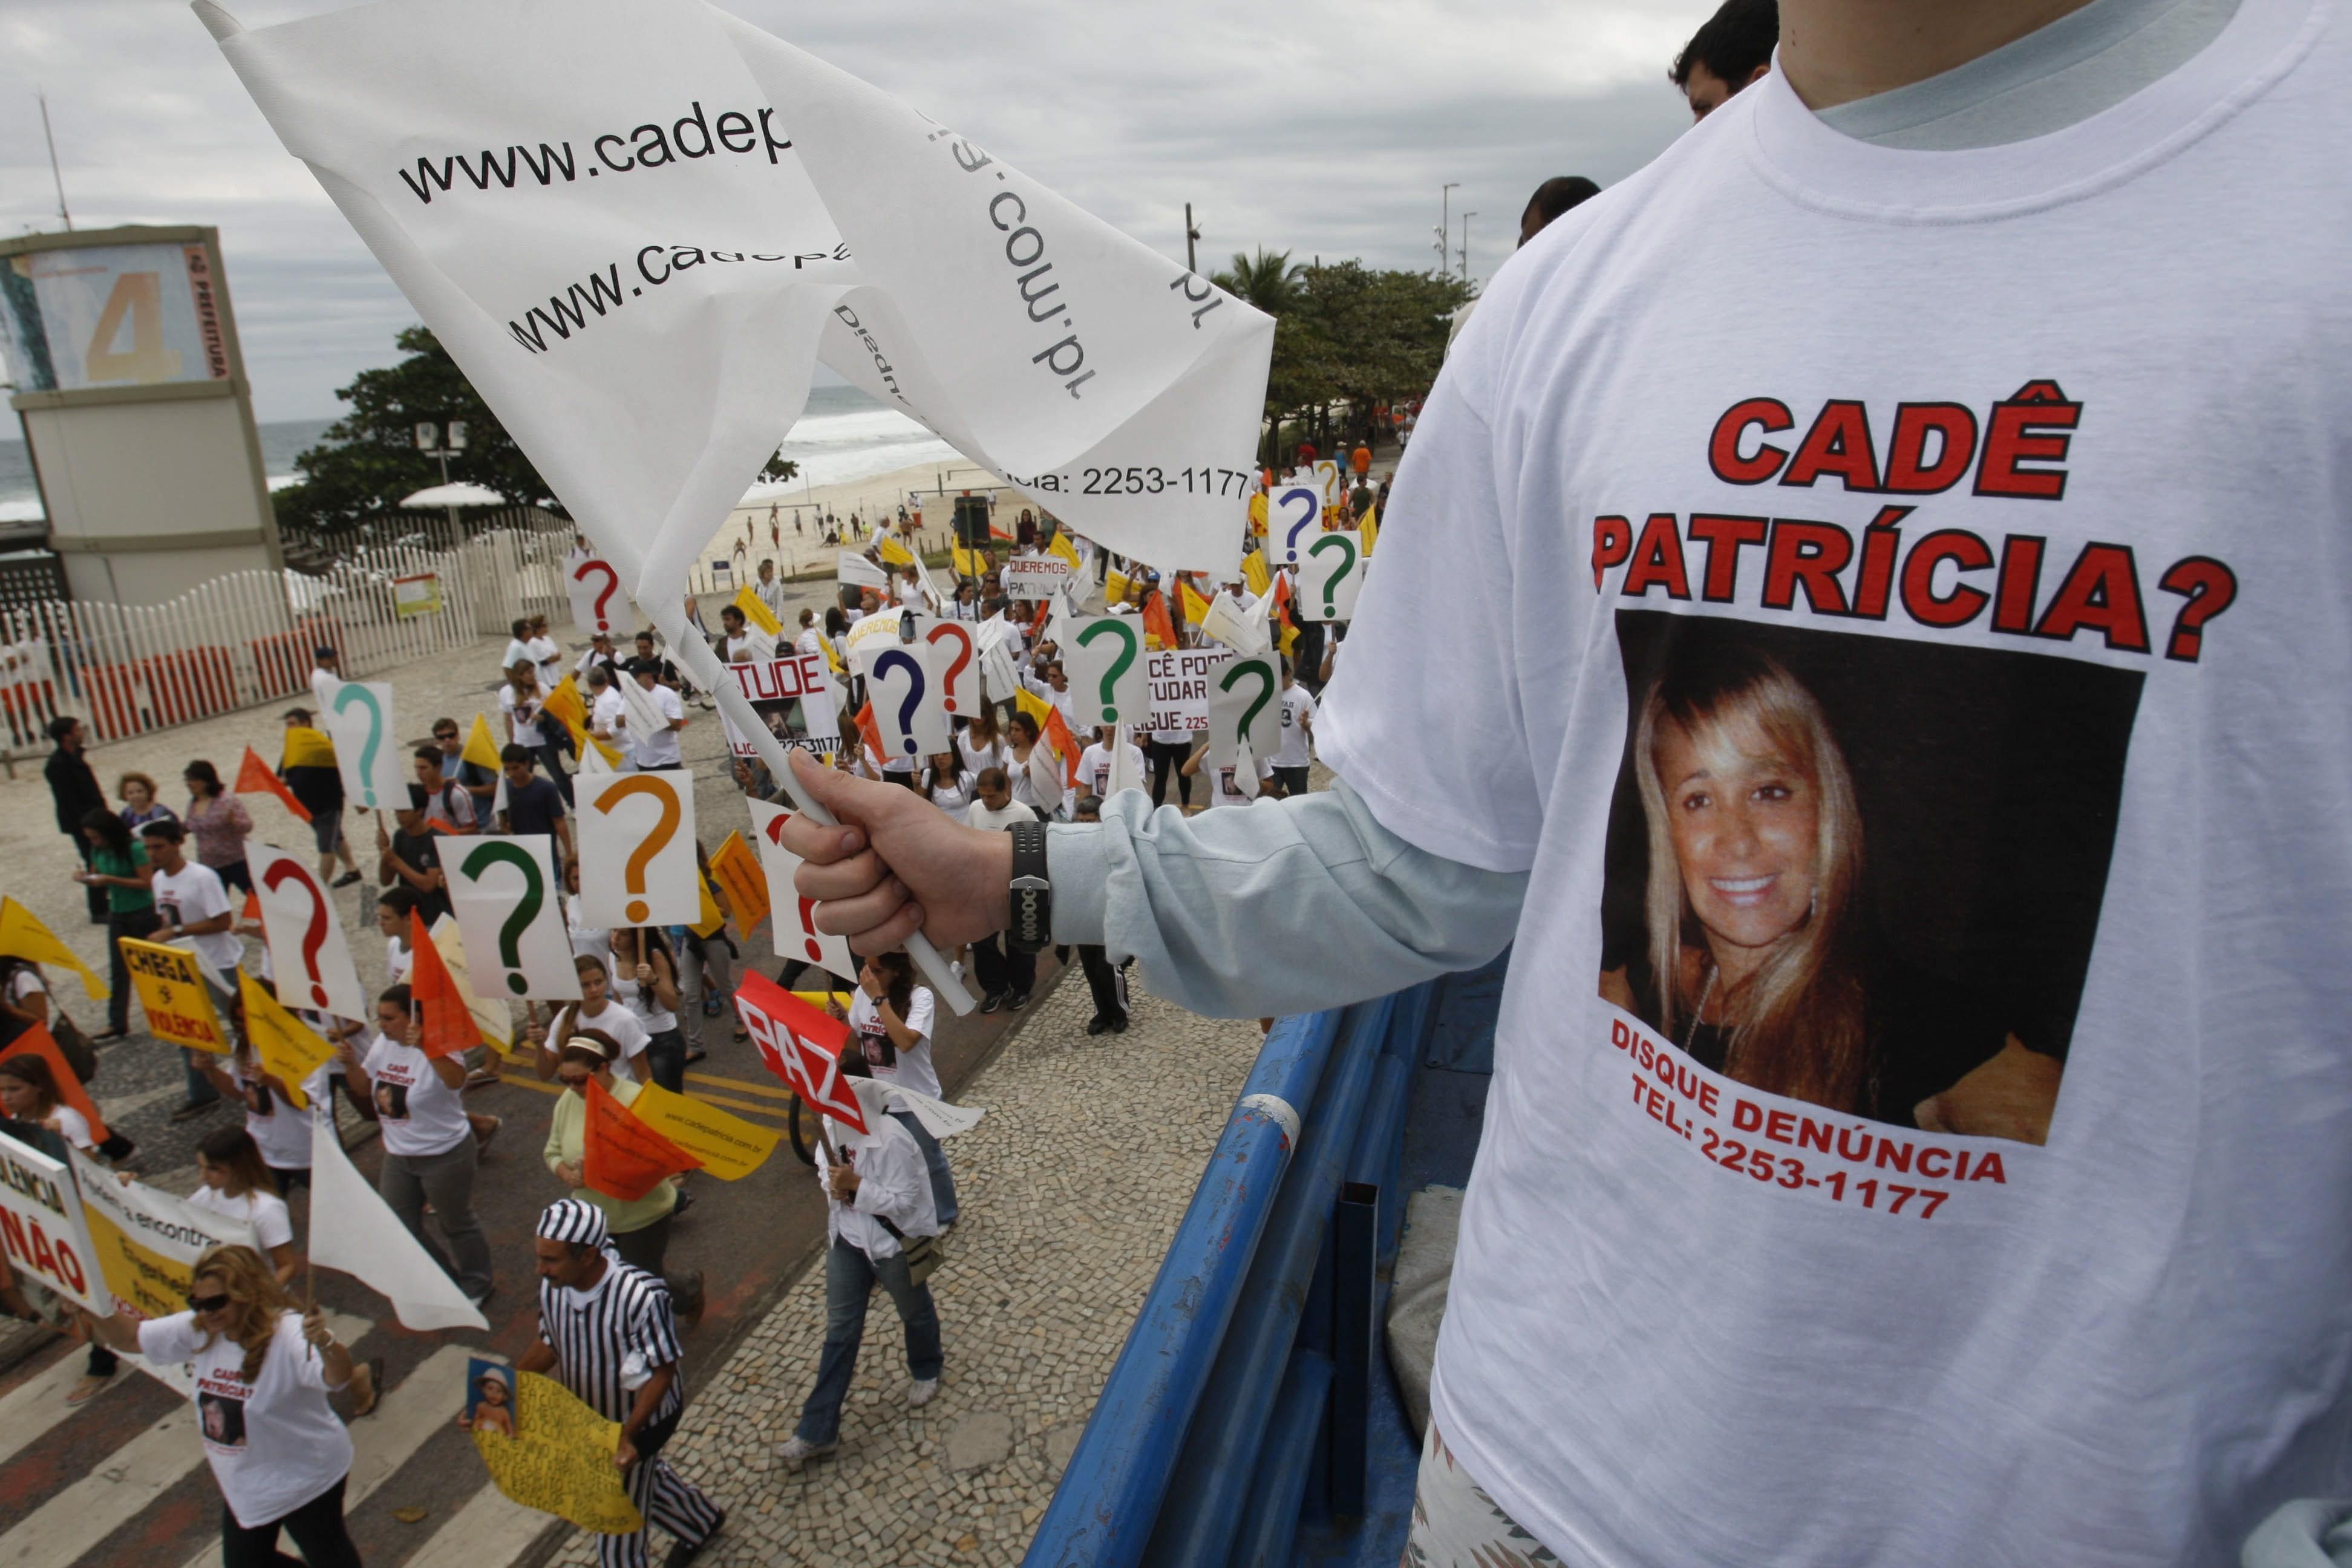 Caso de Patricia Amieiro segue aberto desde 2008